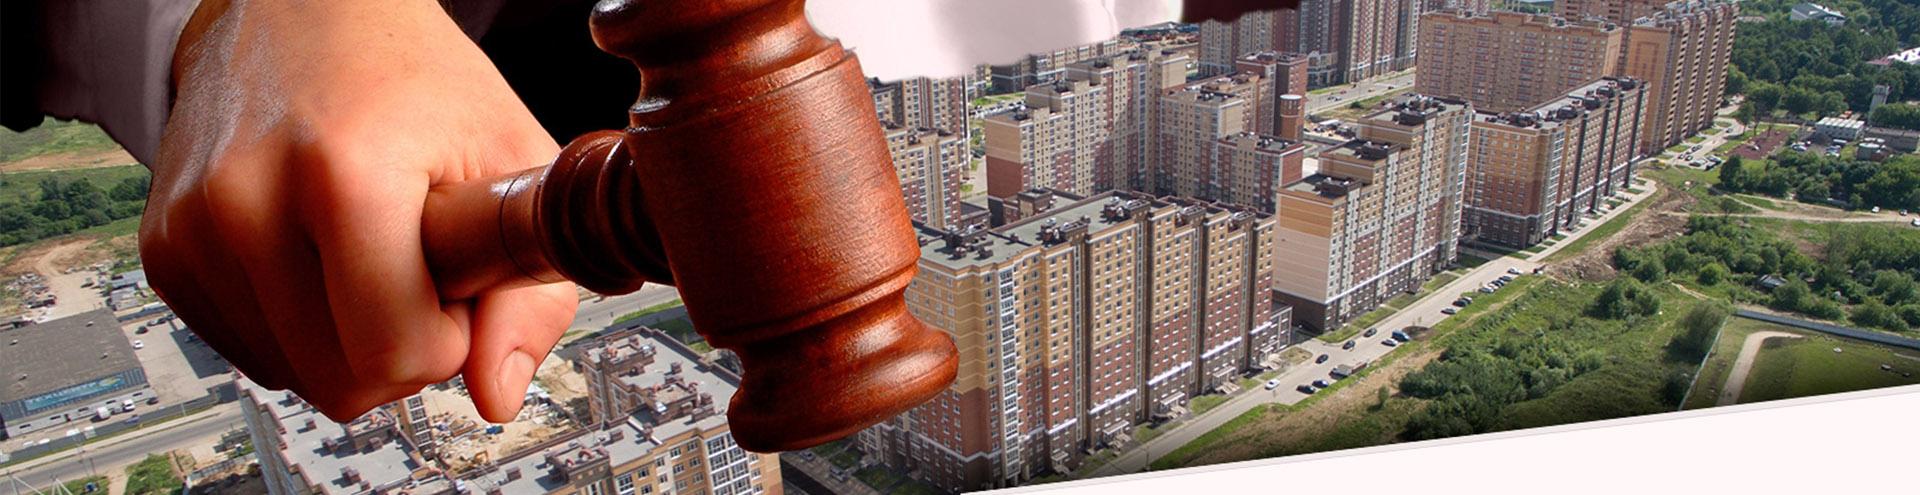 Суд с застройщиком в Уфе и Республике Башкорстан